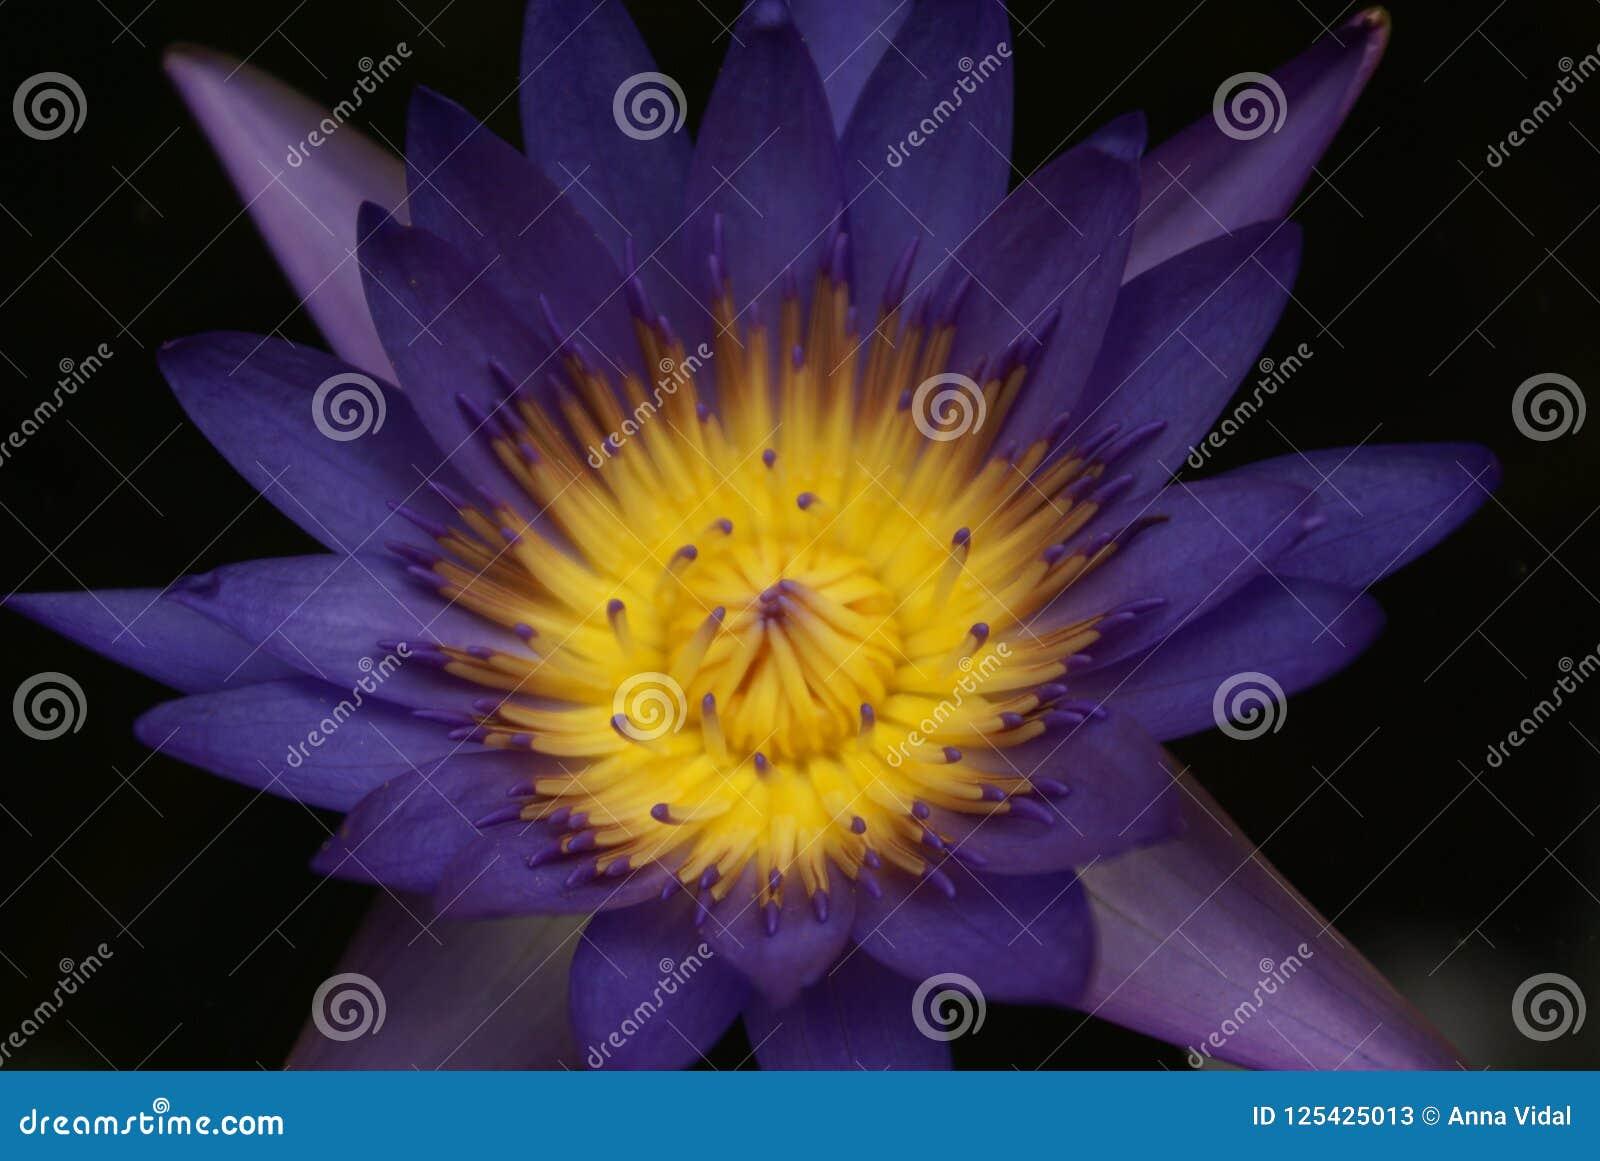 Macro Photography Lotus Flower In Phuket Botanical Garden Stock